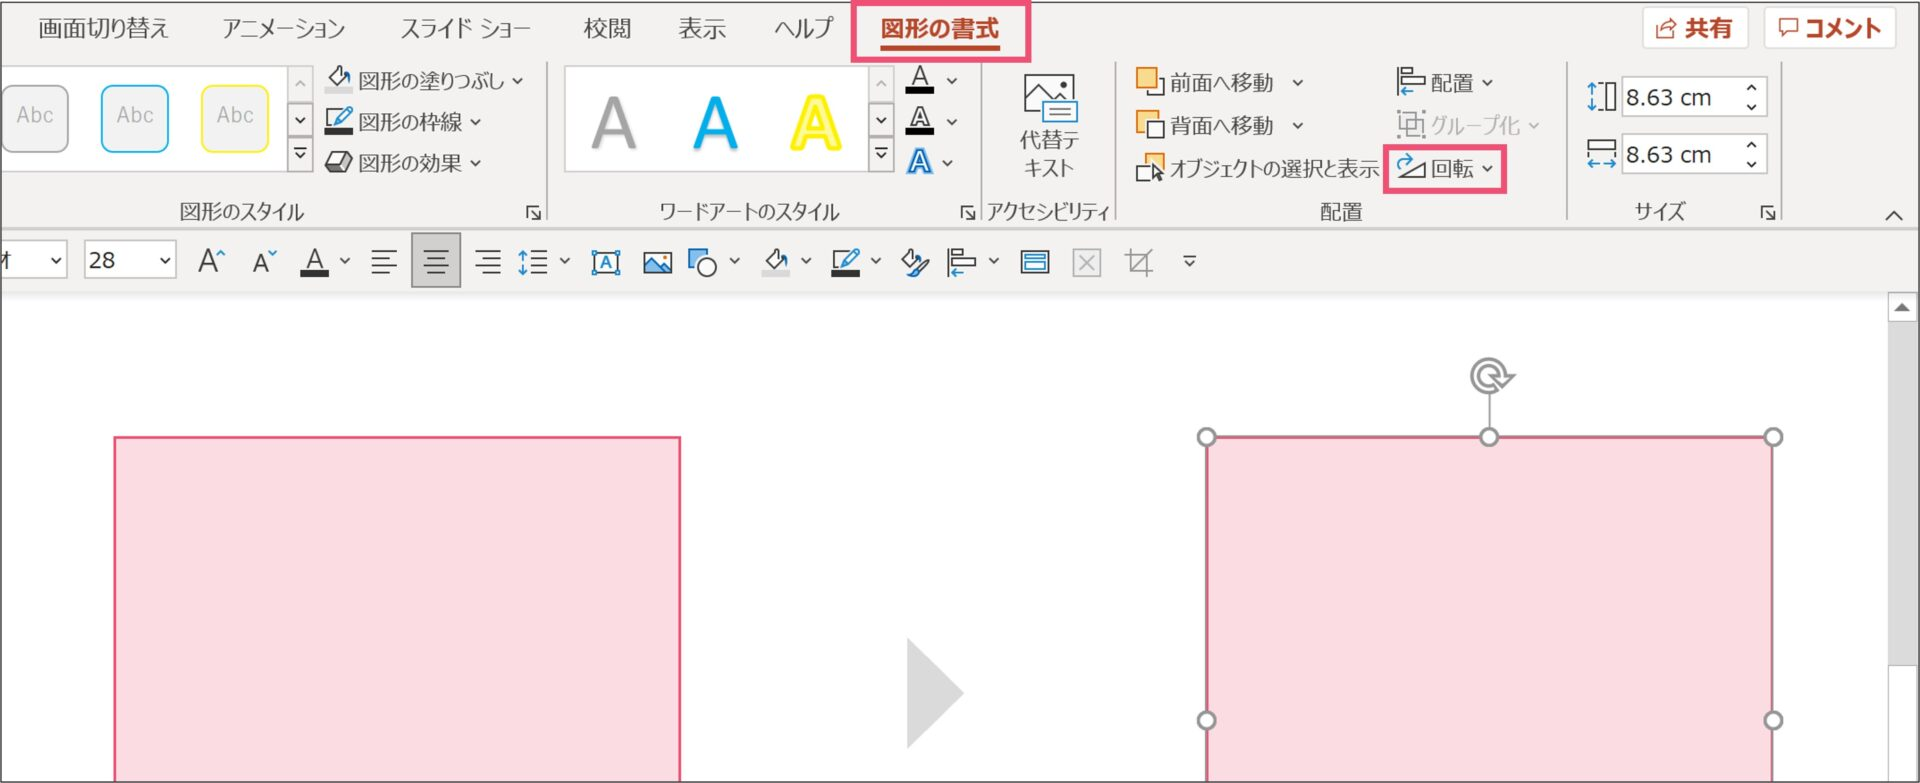 図形の書式タブから回転を選択する